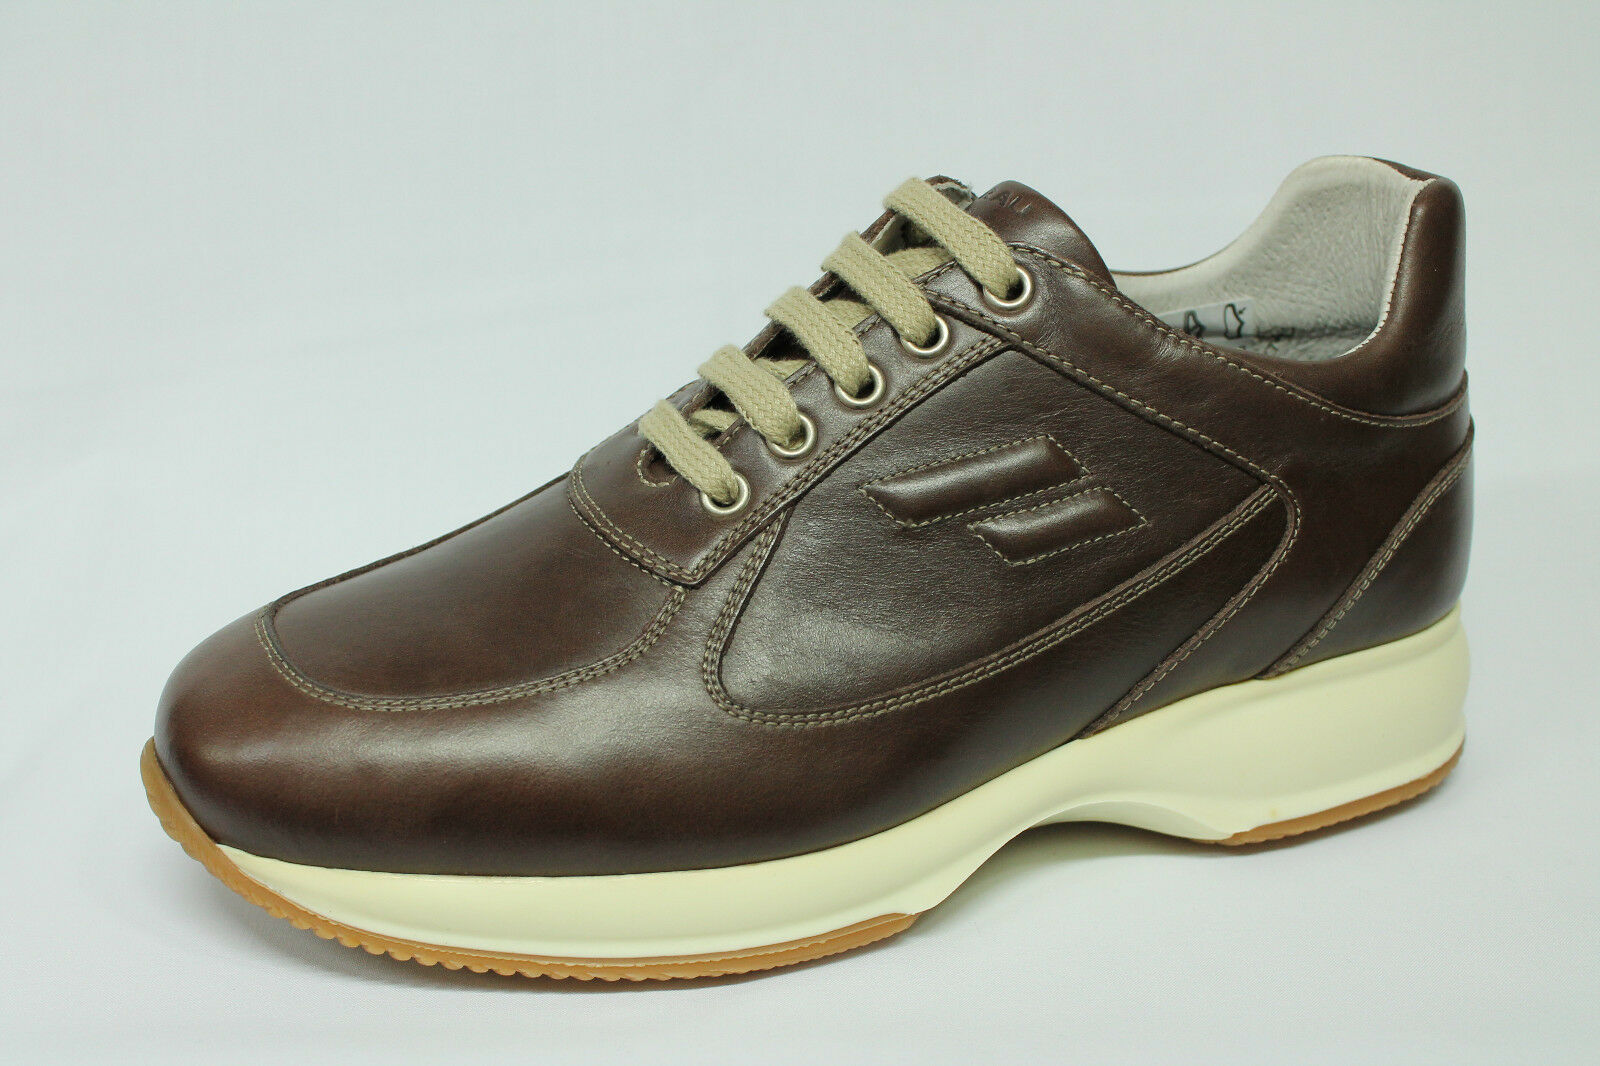 Scarpe casual da uomo  Sneakers Frau 24L3/24N3 marrone tipo Hogan Interactive listino€135 - 20%